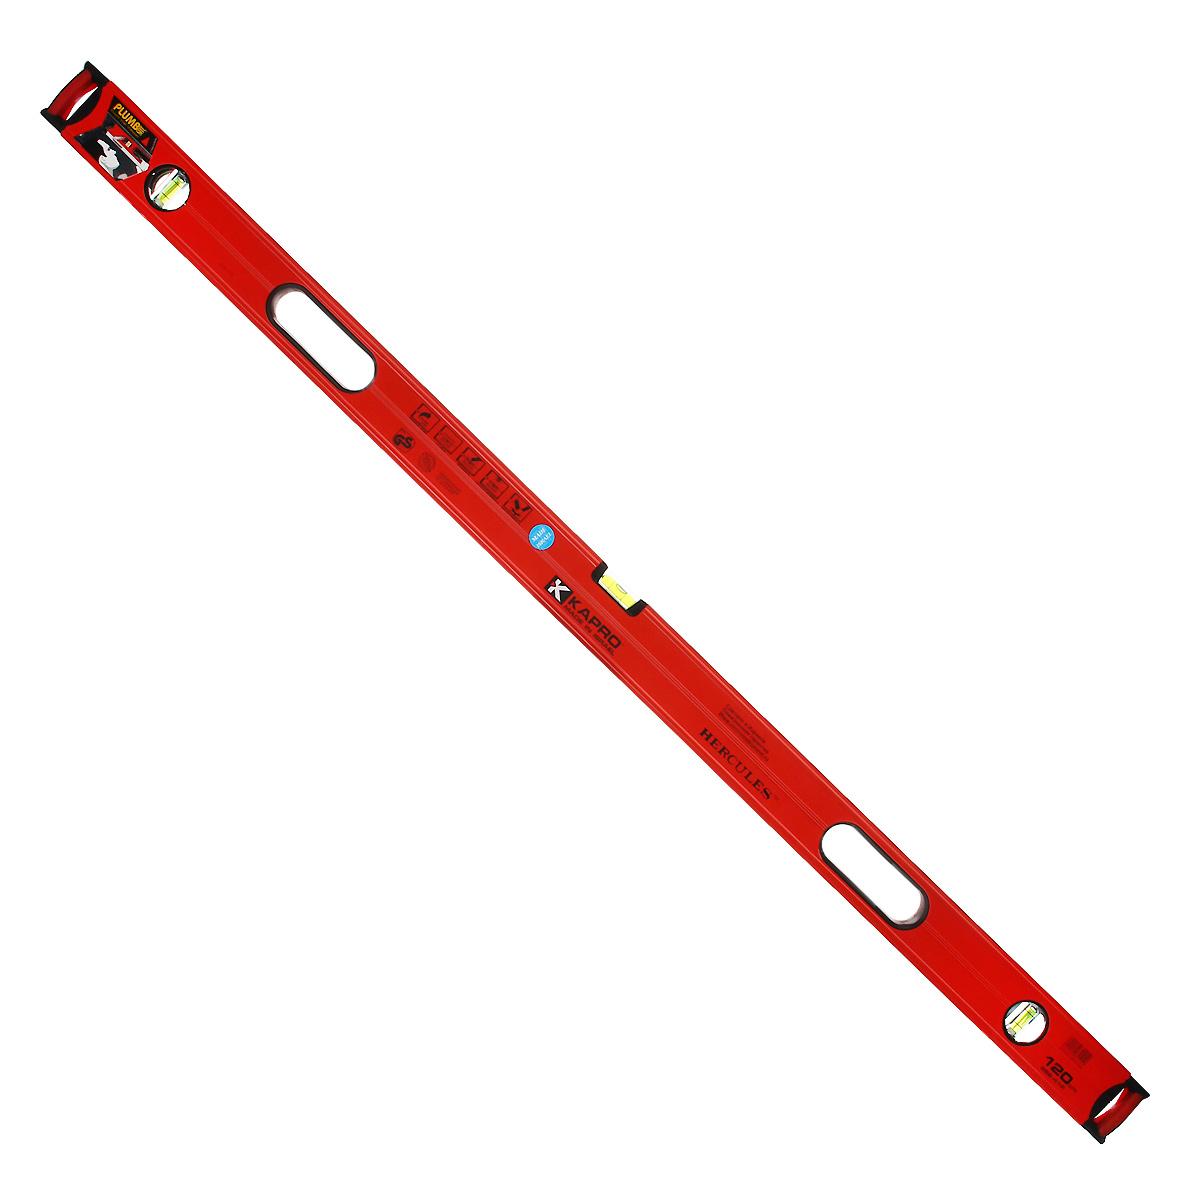 Уровень Kapro PlumbSite Hercules, 3 колбы, 120 см986-41-120Уровень Kapro PlumbSite Hercules используется при необходимости контроля горизонтальных и вертикальных плоскостей. Металлический корпус уровня обеспечивает долгий срок эксплуатации. Оснащен 3 колбами.